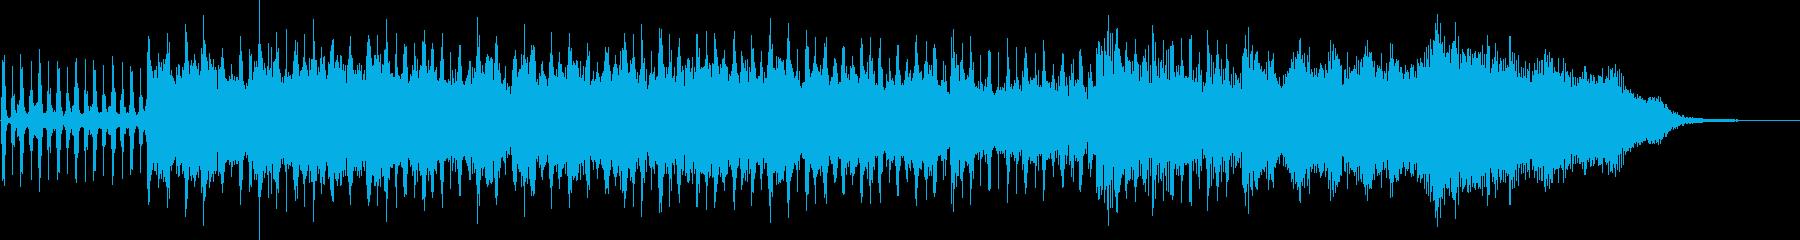 アンビエント/ミステリーインストゥ...の再生済みの波形